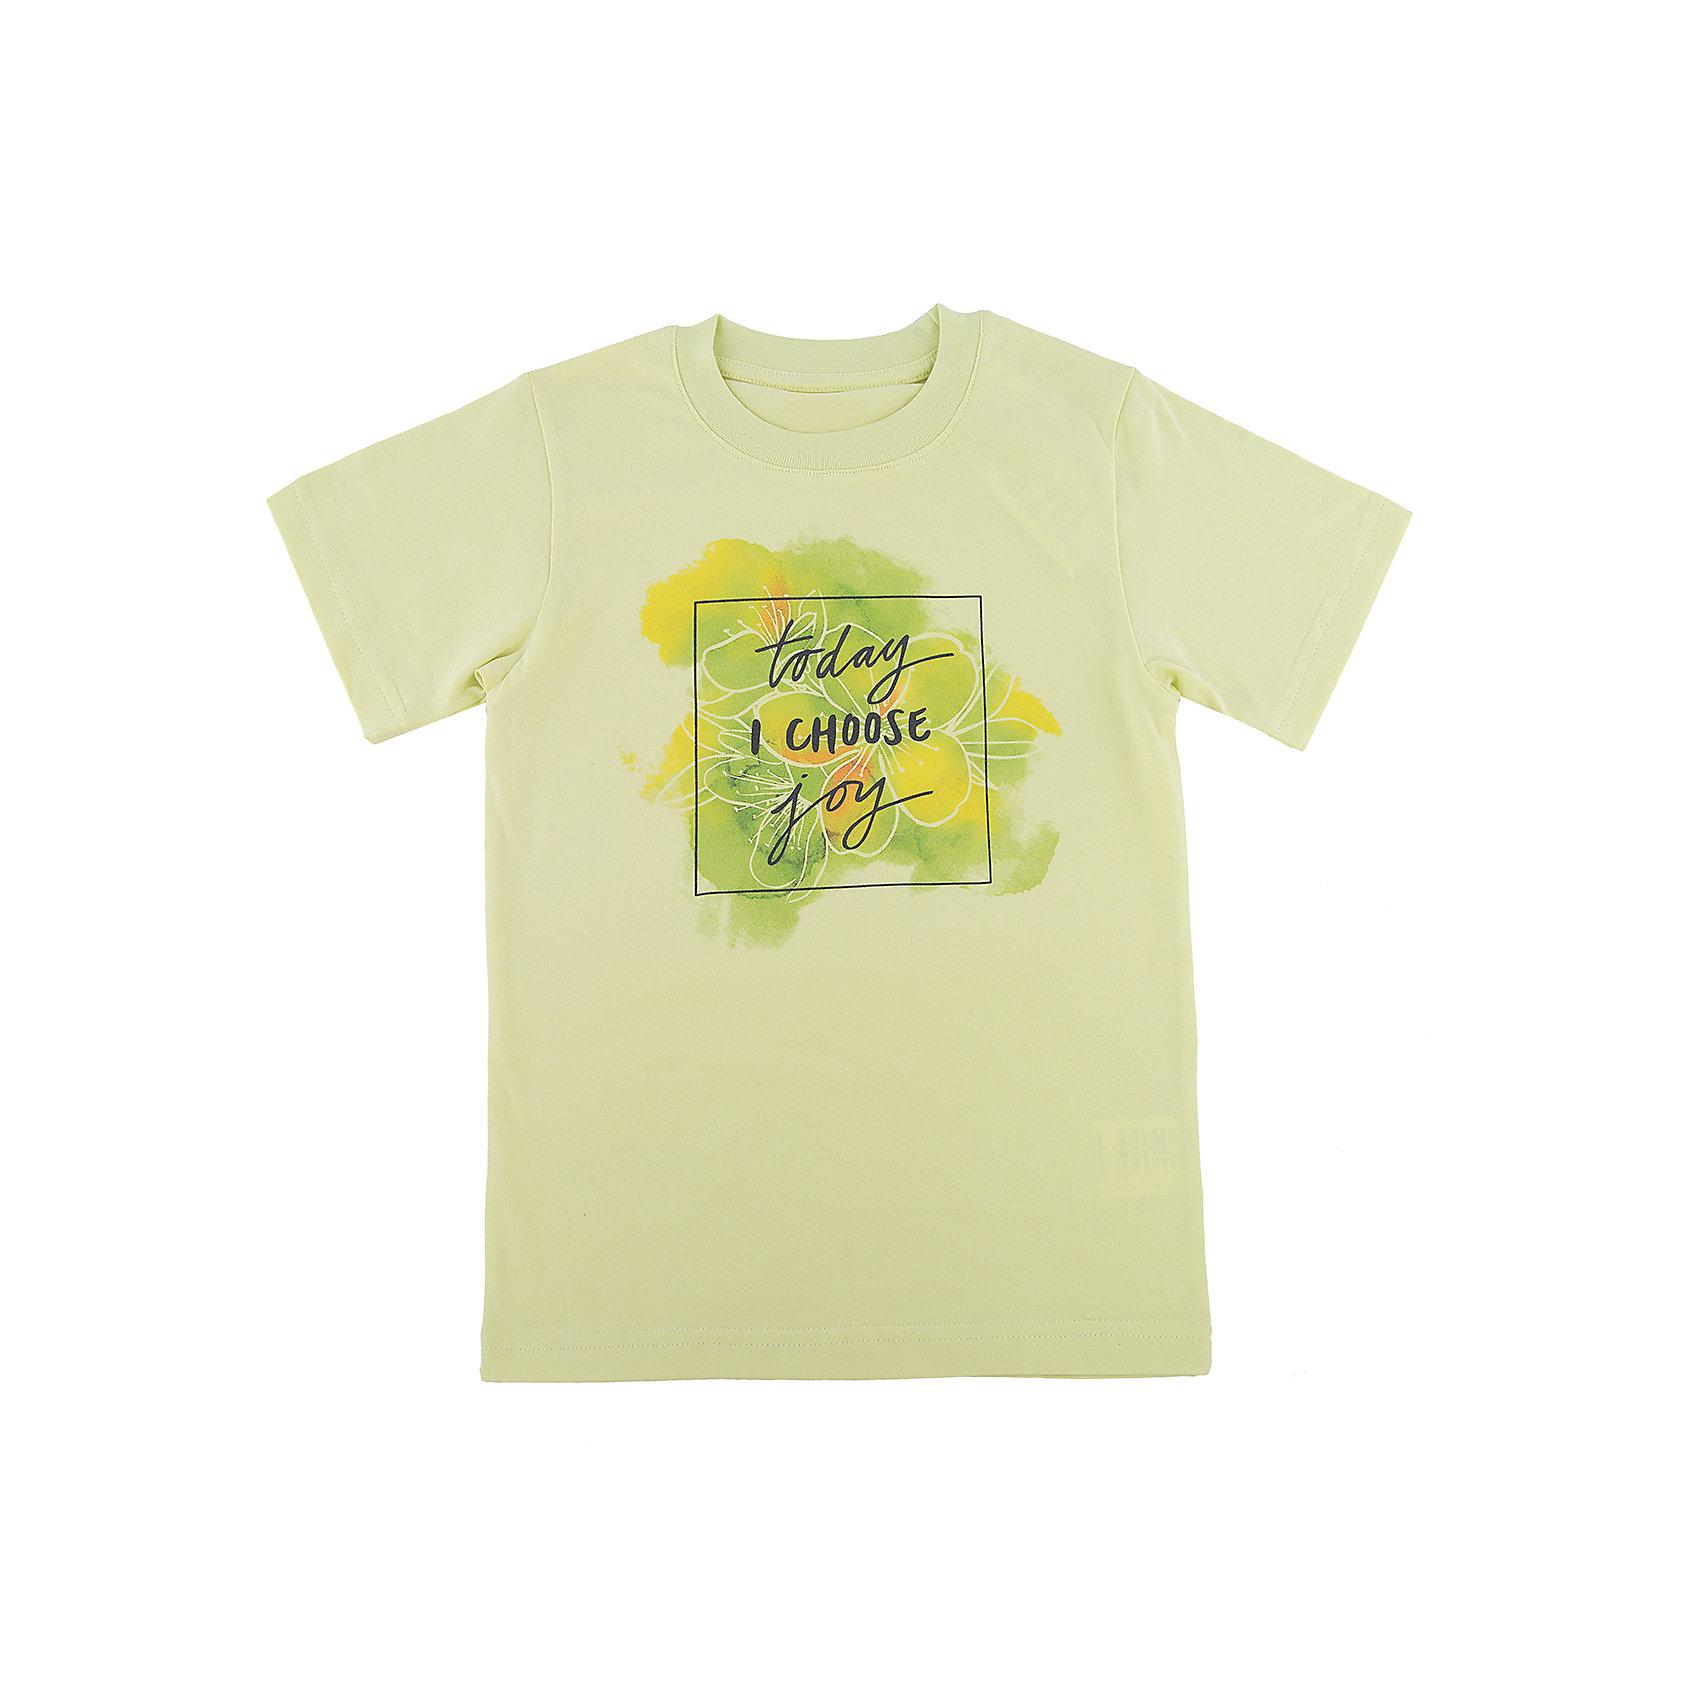 Футболка для девочки WOWФутболки, поло и топы<br>Футболка для девочки WOW<br>Незаменимой вещью в  гардеробе послужит футболка с коротким рукавом. Стильная и в тоже время комфортная модель, с яркой оригинальной печатью, будет превосходно смотреться на ребенке.<br>Состав:<br>кулирная гладь 100% хлопок<br><br>Ширина мм: 199<br>Глубина мм: 10<br>Высота мм: 161<br>Вес г: 151<br>Цвет: зеленый<br>Возраст от месяцев: 156<br>Возраст до месяцев: 168<br>Пол: Женский<br>Возраст: Детский<br>Размер: 164,128,134,140,146,152,158<br>SKU: 6871827